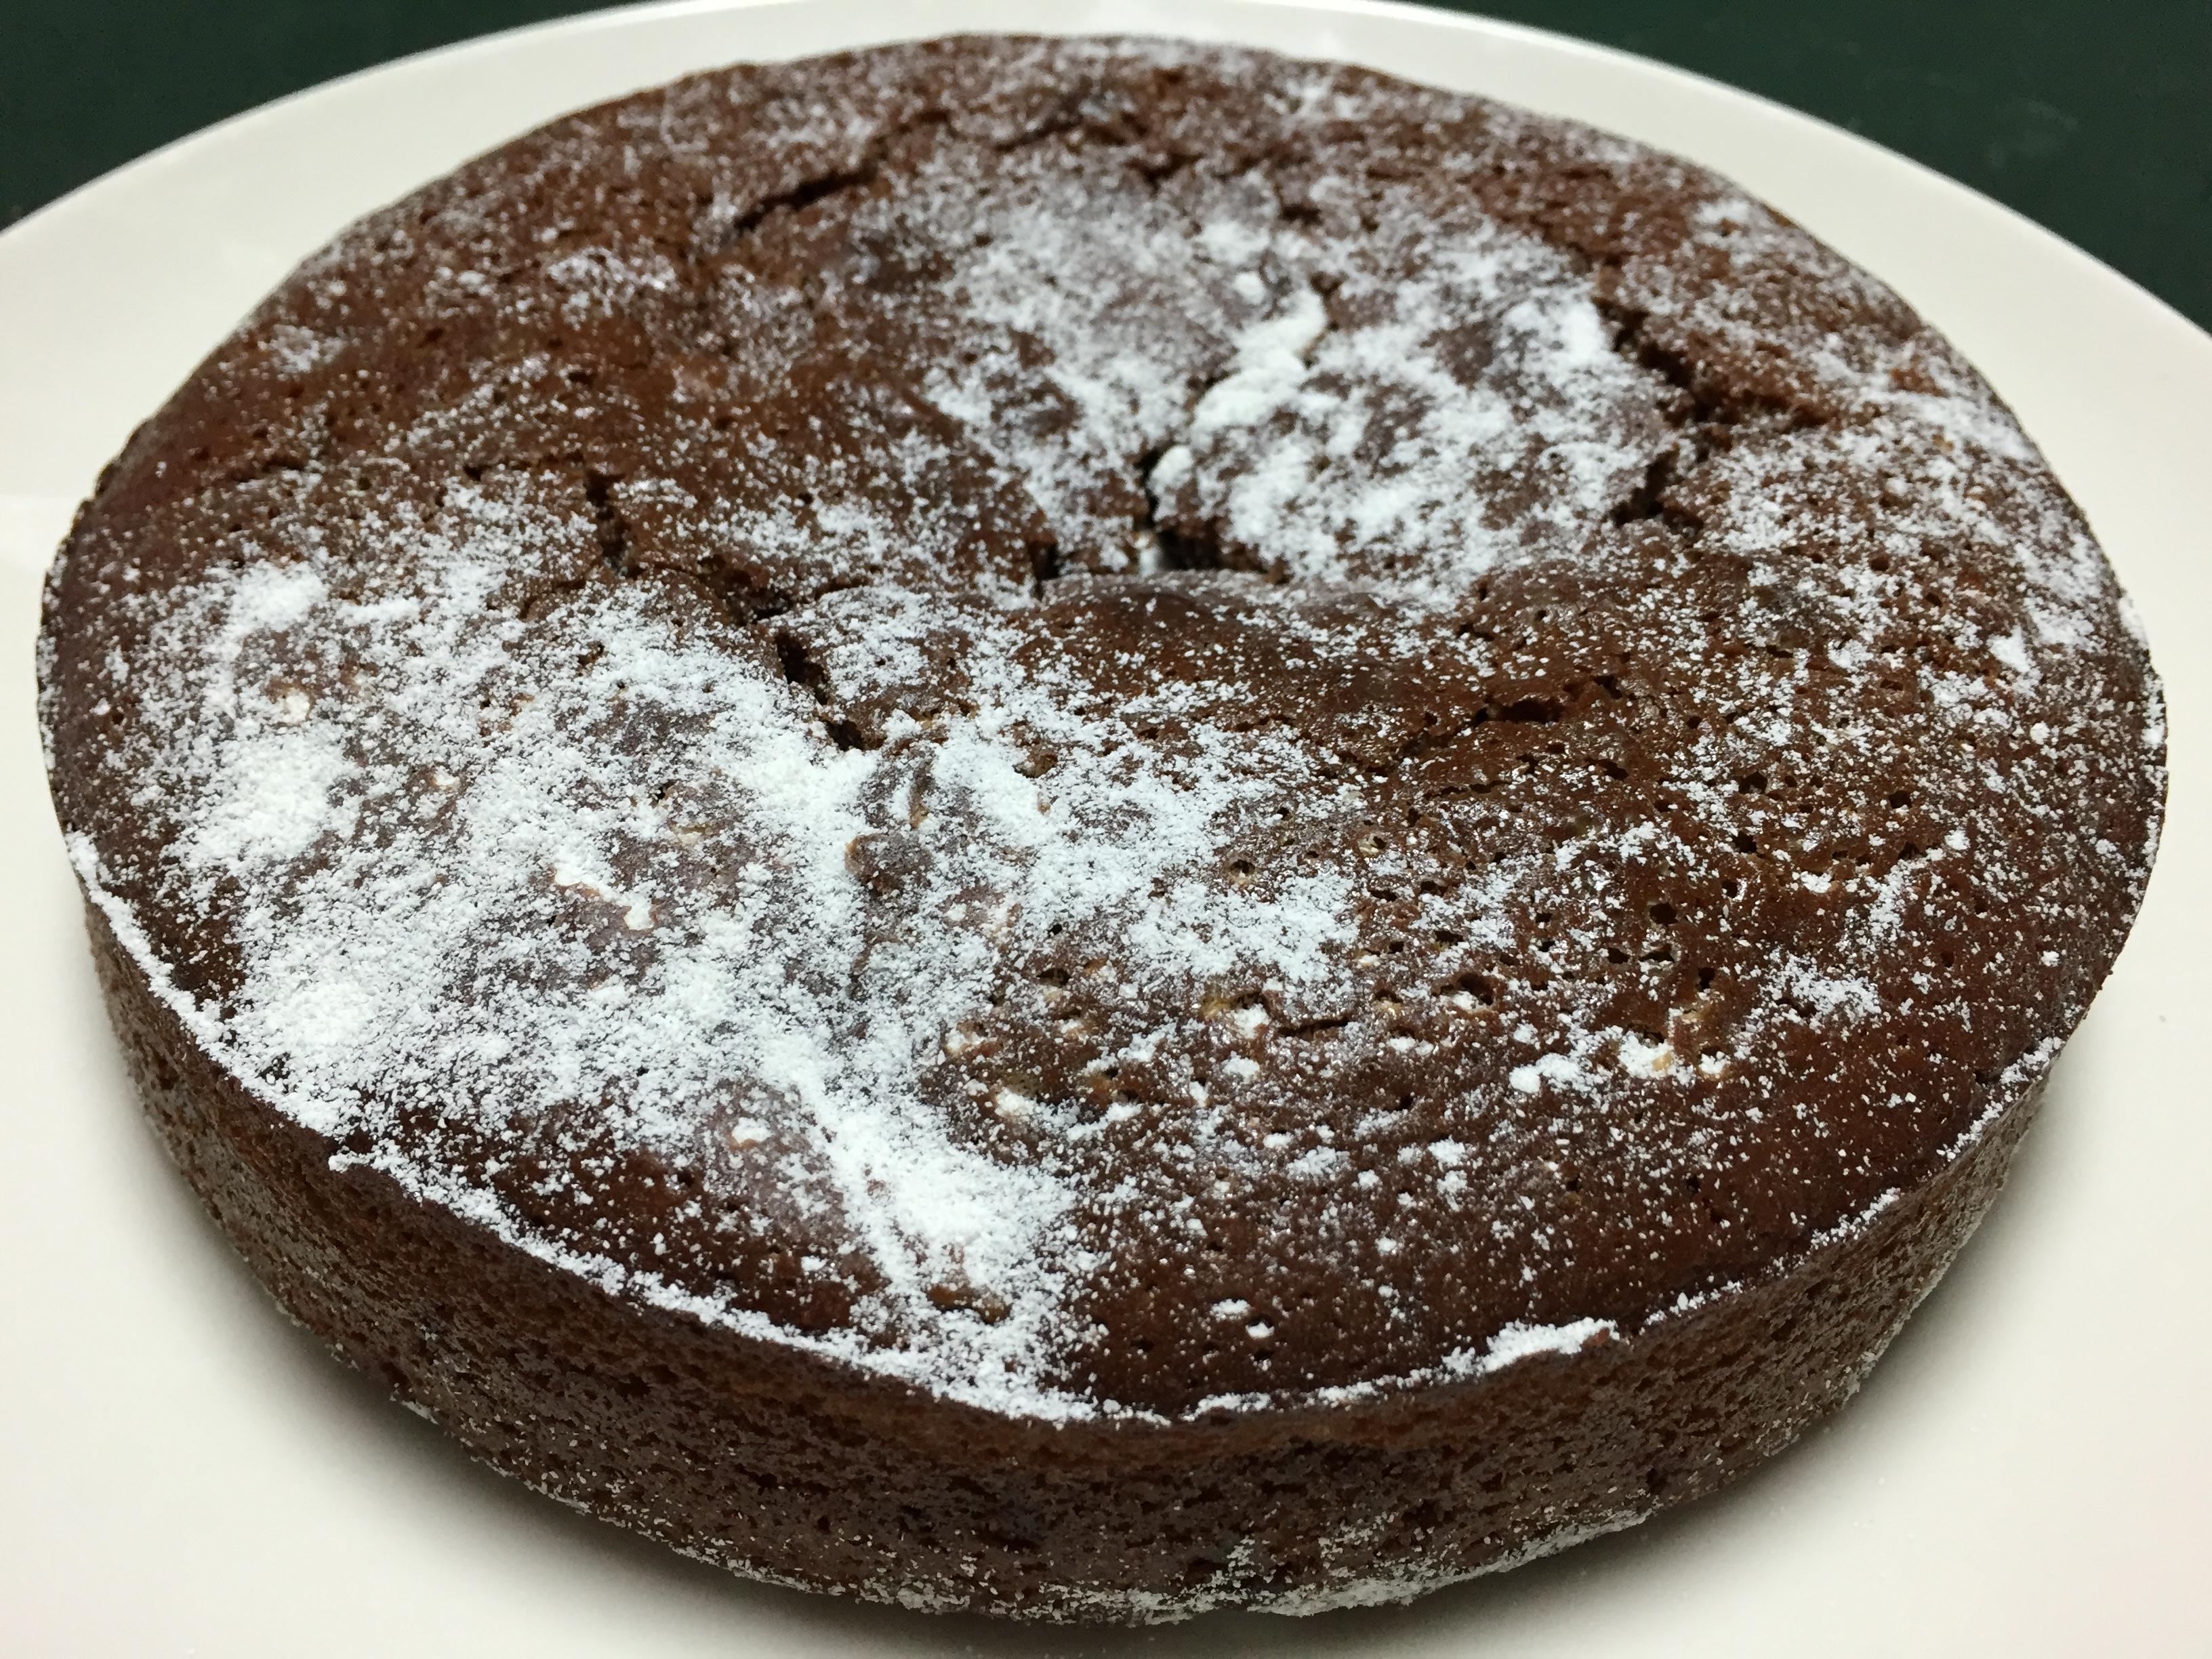 今年のクリスマスケーキに、ビストロ・ヒロのガトー・オ・ショコラはいかがですか?